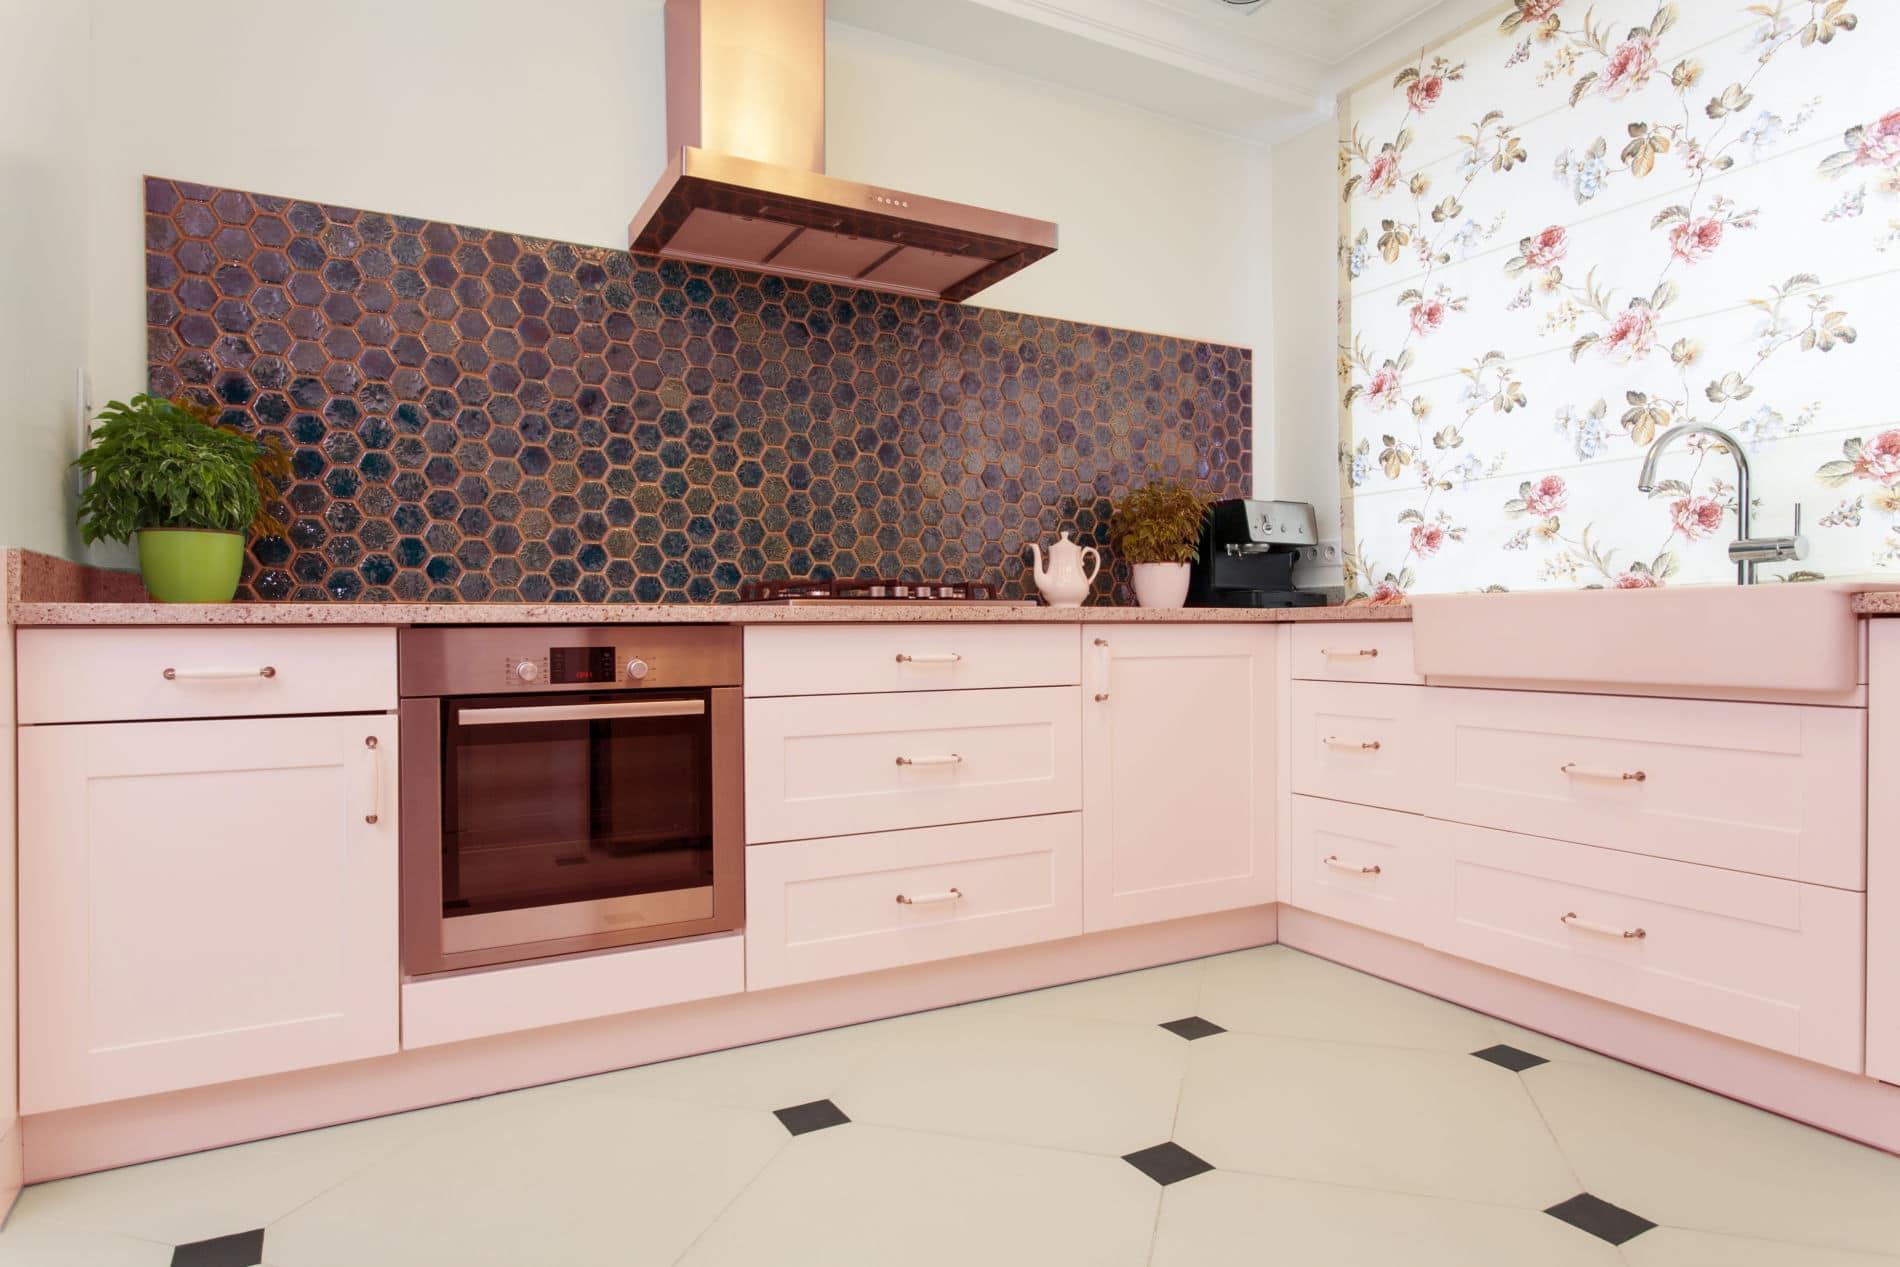 מטבחים מעץ מעצבי המטבחים מיומנים באספקה ושירות עם רישיון והסמכה ומומחים להקמת אי במטבח מכל חומר תוך כדי שימוש בחומרים מעולים